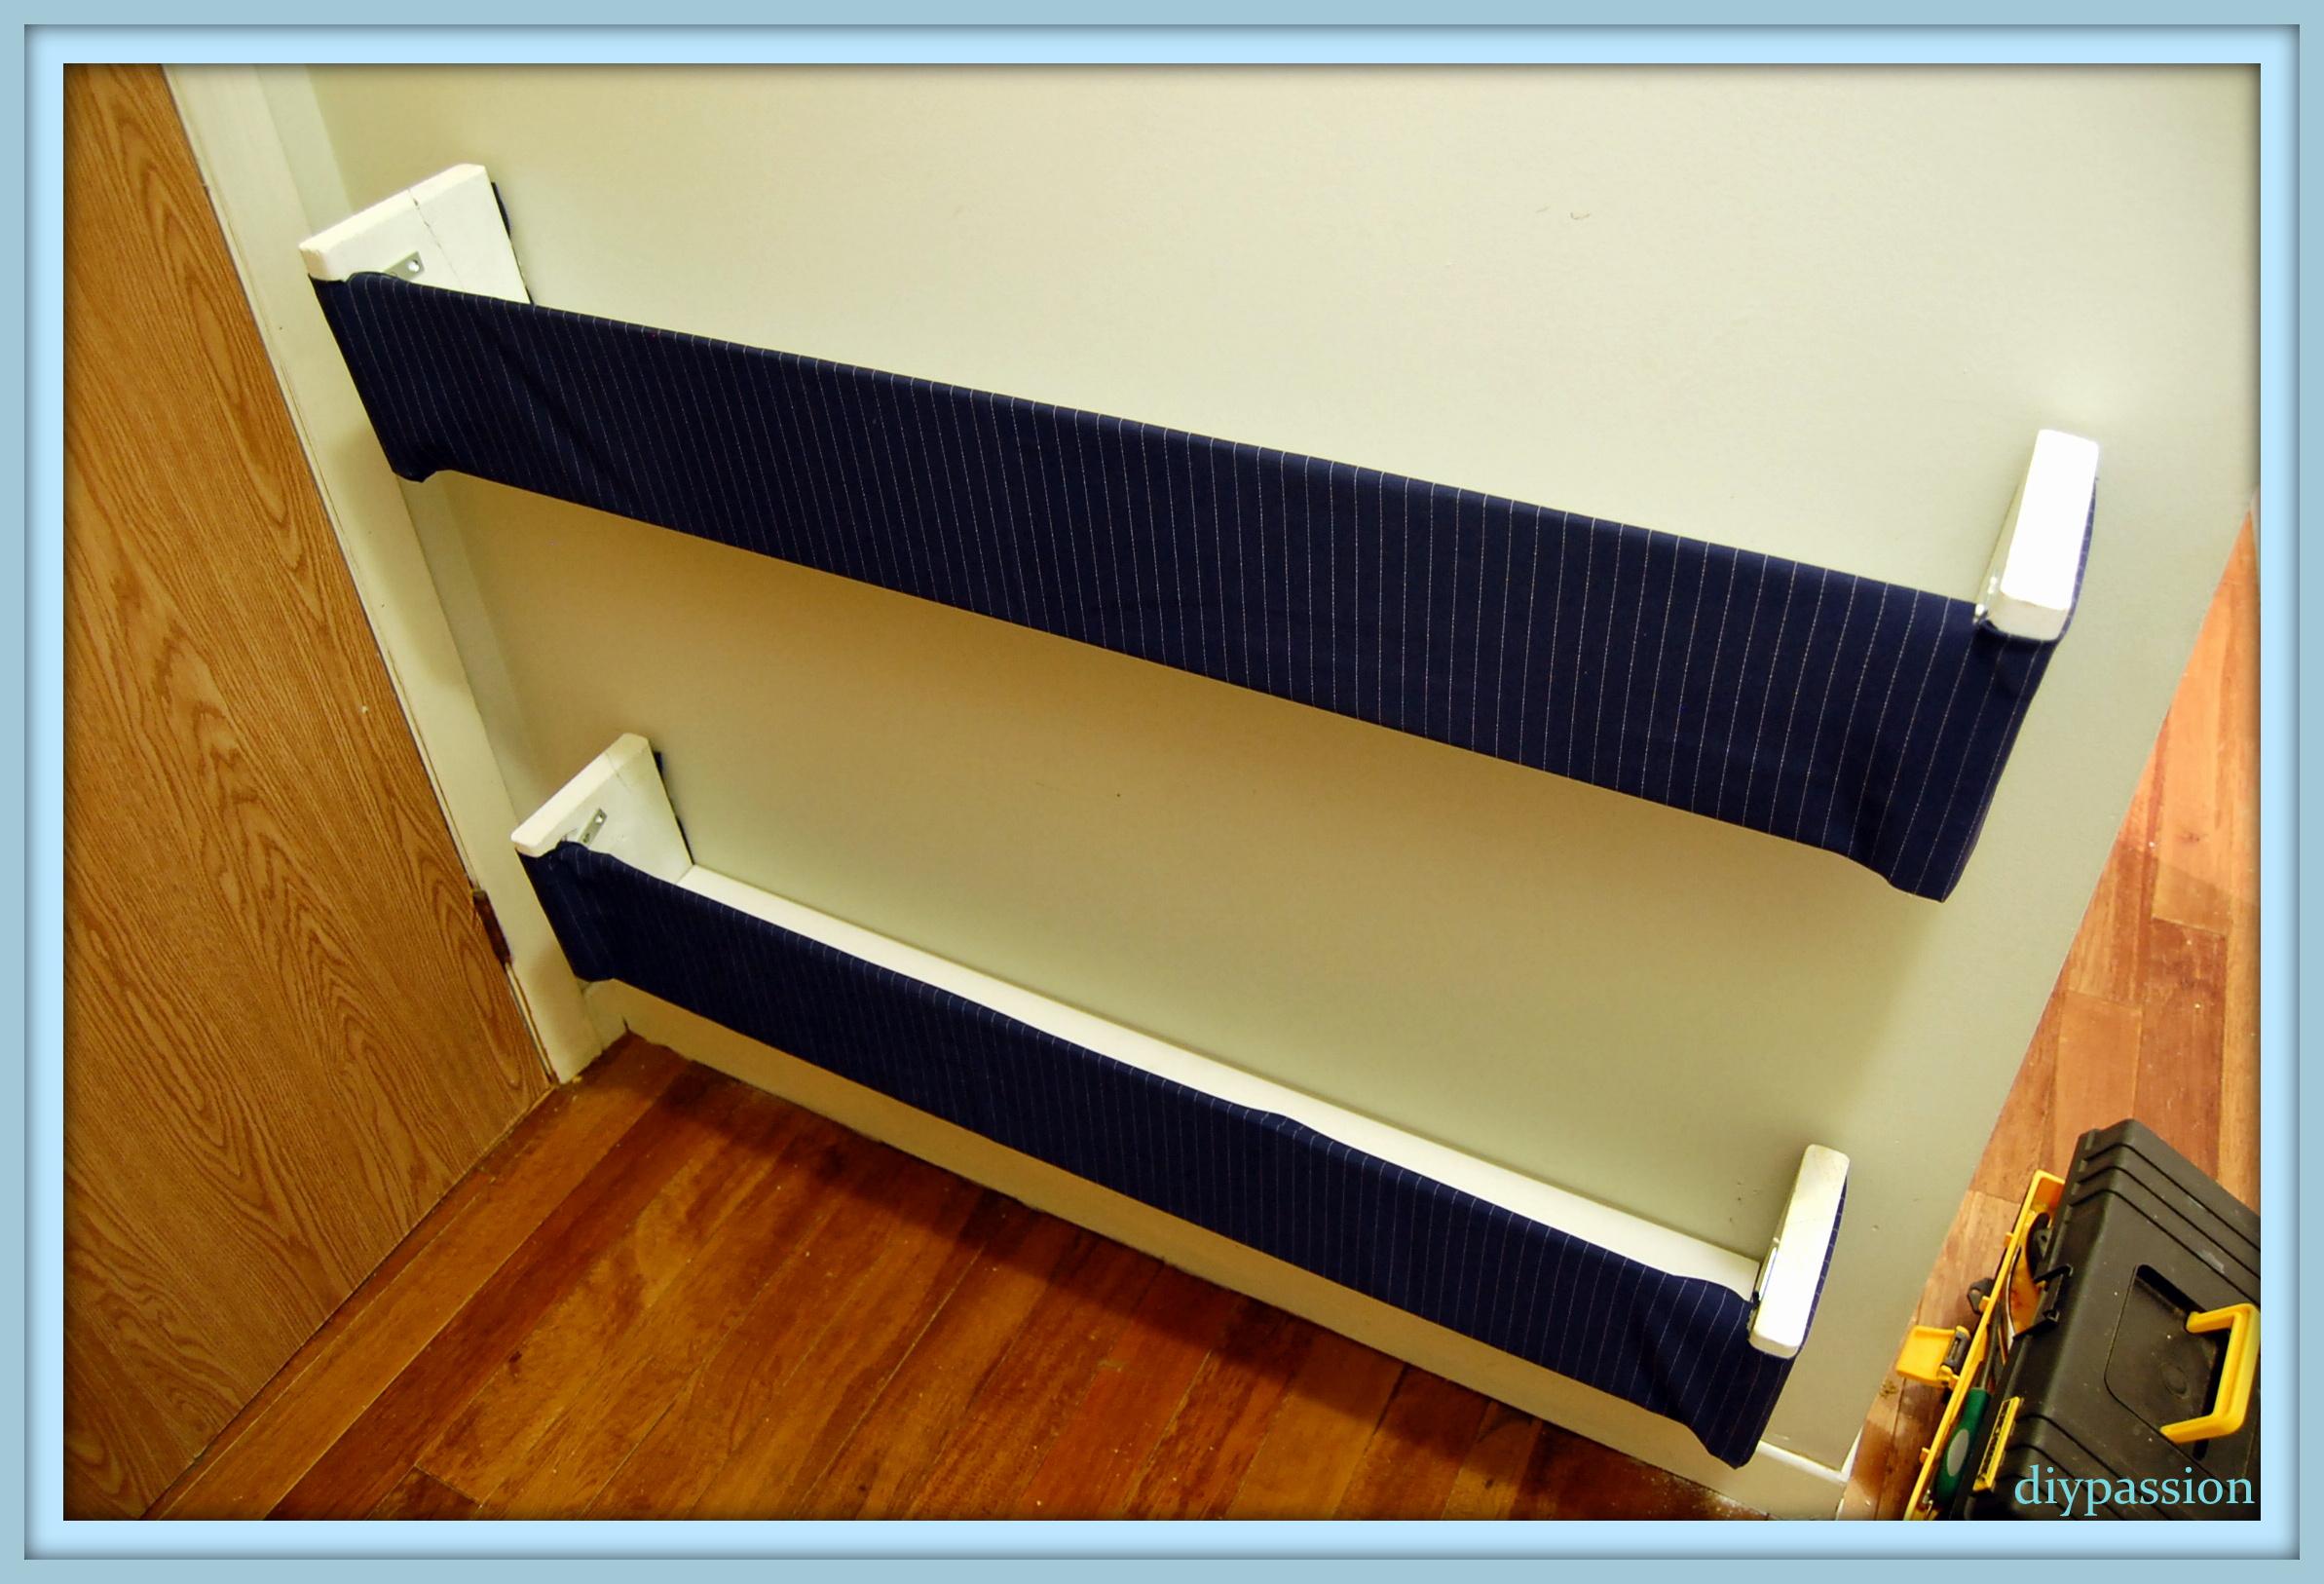 craftsman shoe rack plans pdf woodworking. Black Bedroom Furniture Sets. Home Design Ideas